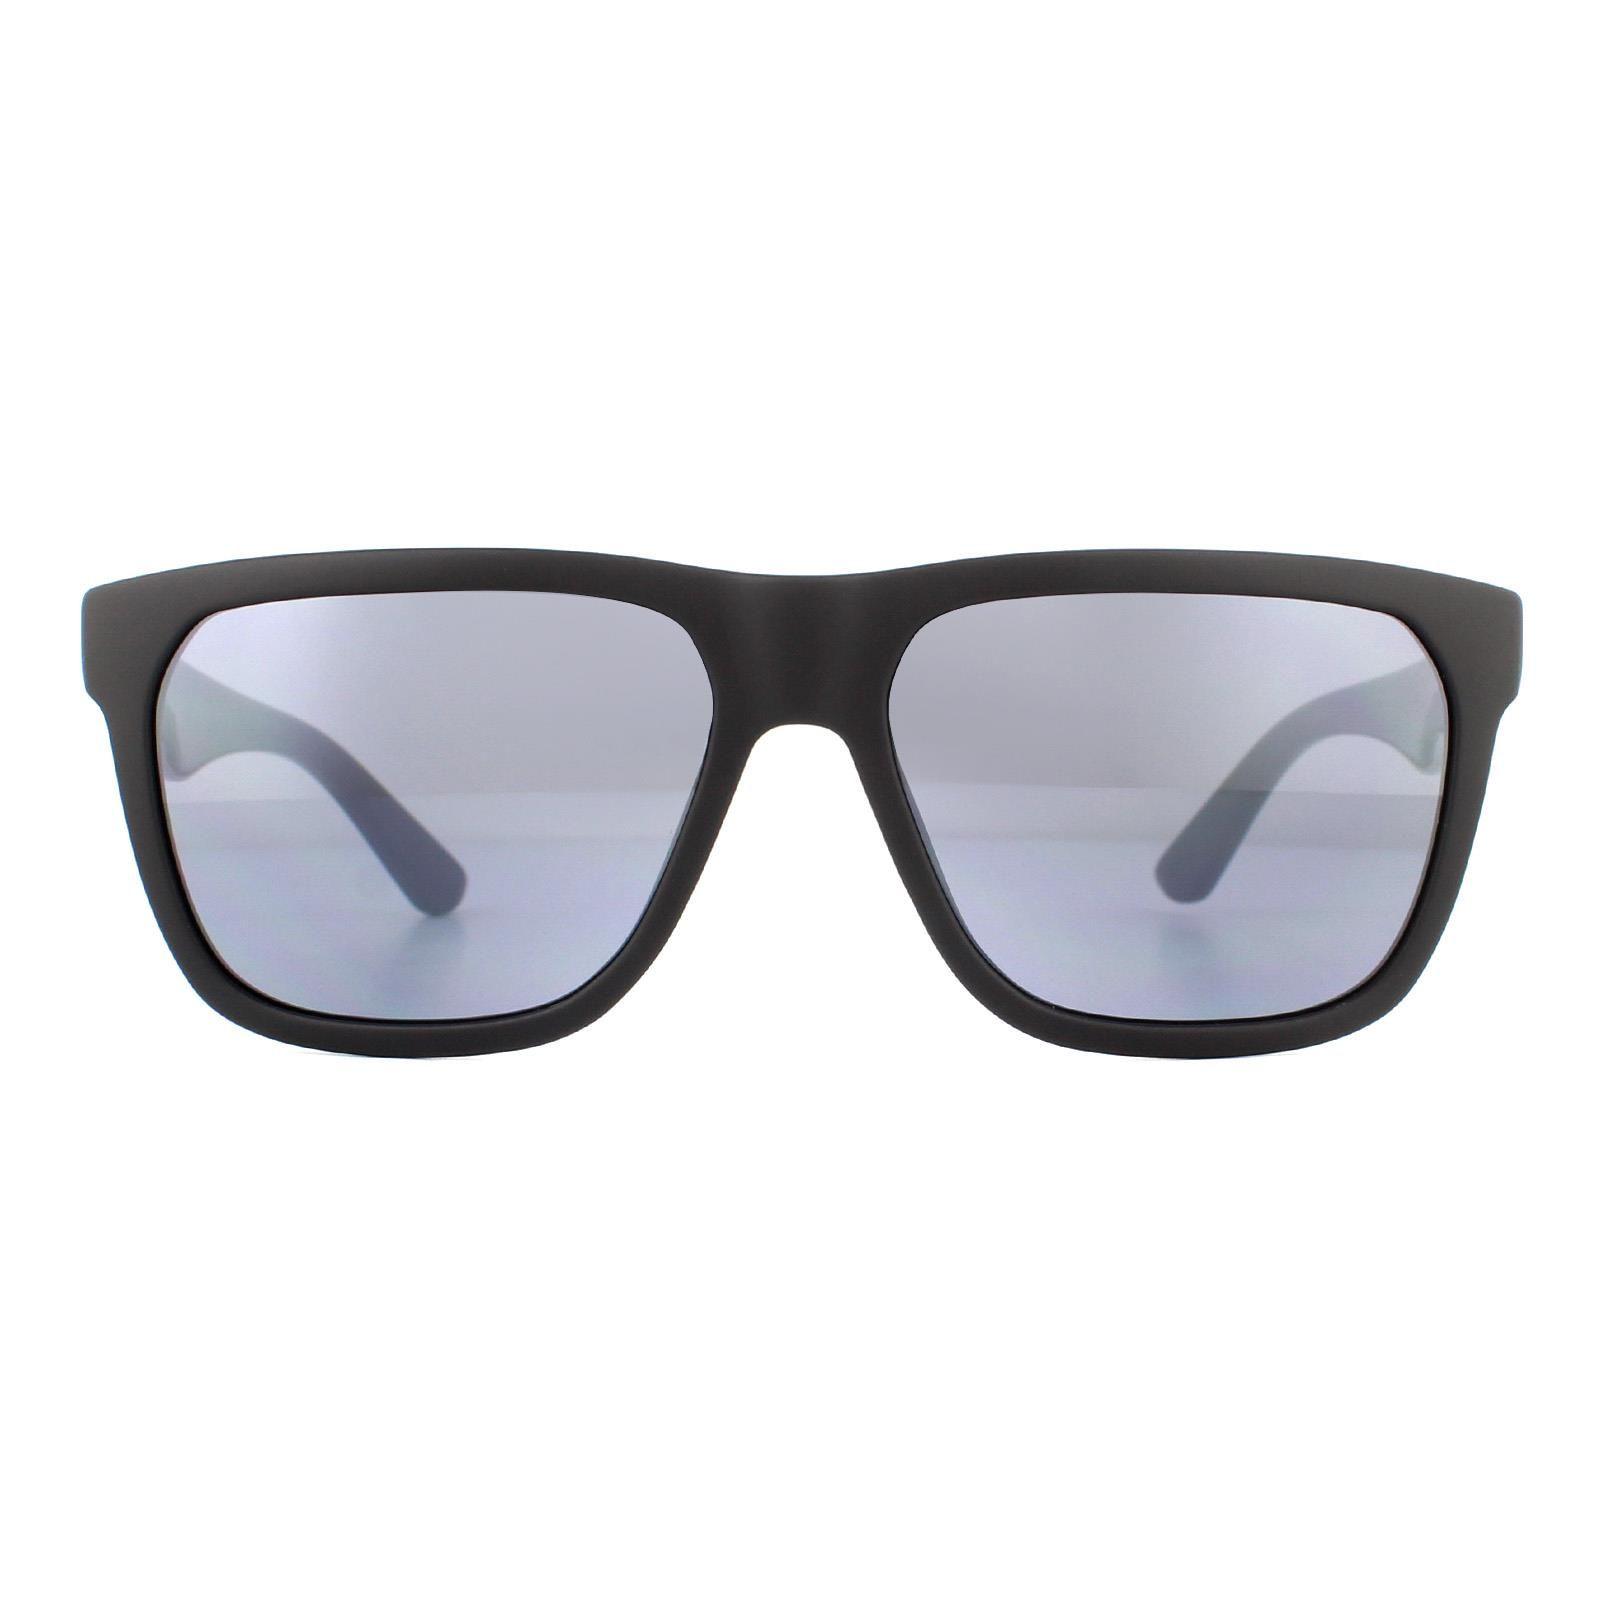 Lacoste Sunglasses L732S 002 Matte Black and White Grey